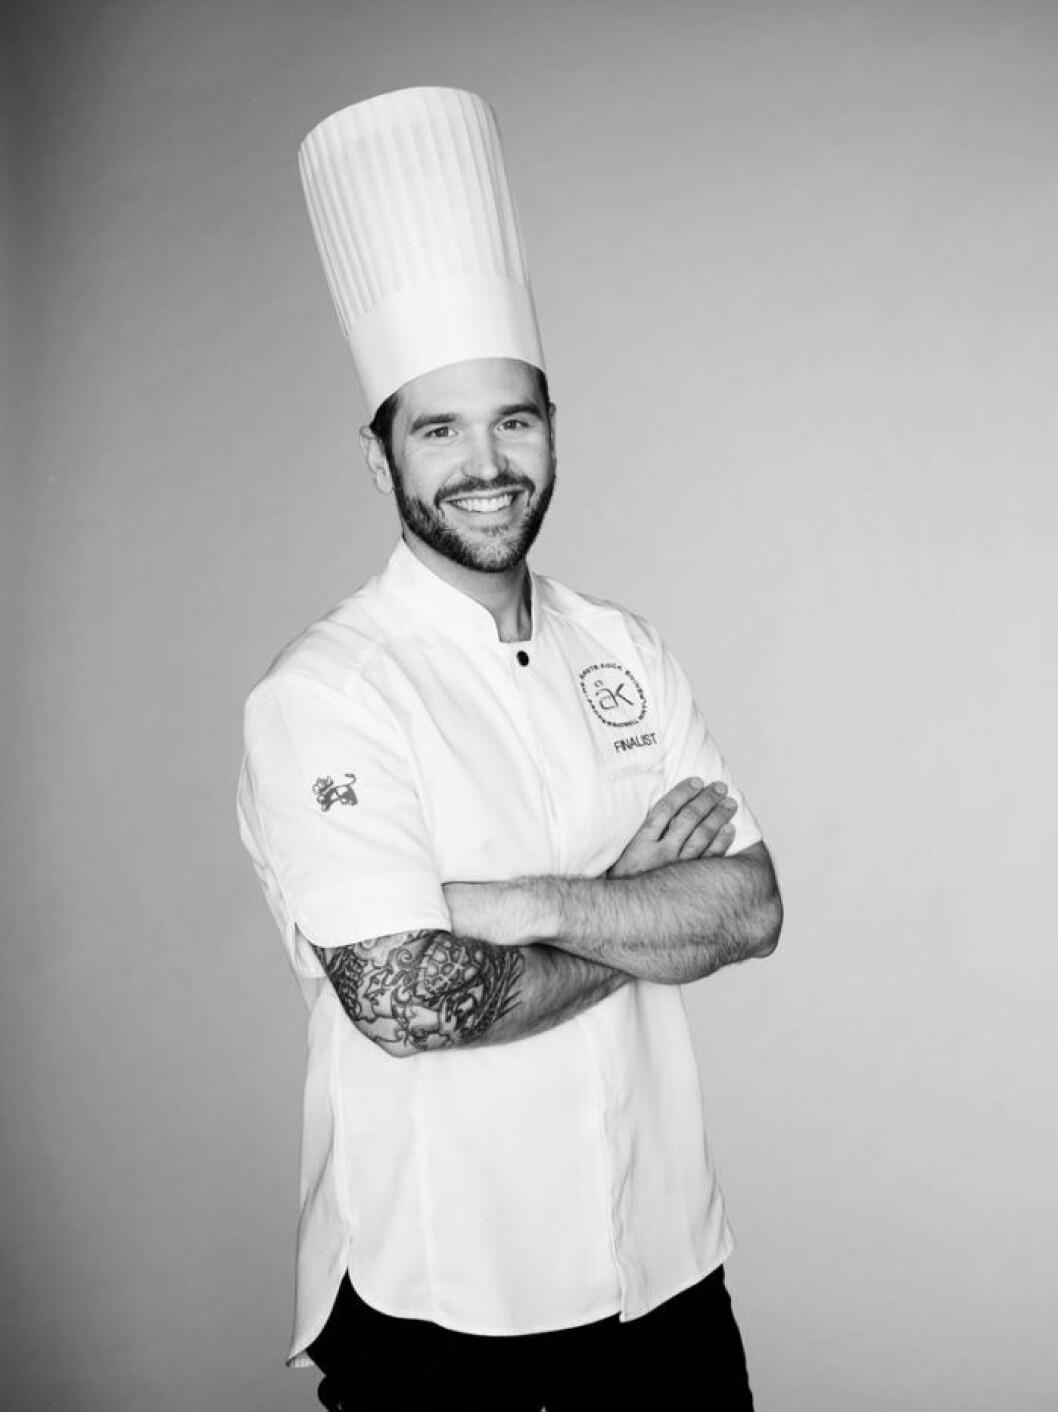 Årets kock 2018 David Lundqvist lagar mat på Strandvägen 1 under Love November.